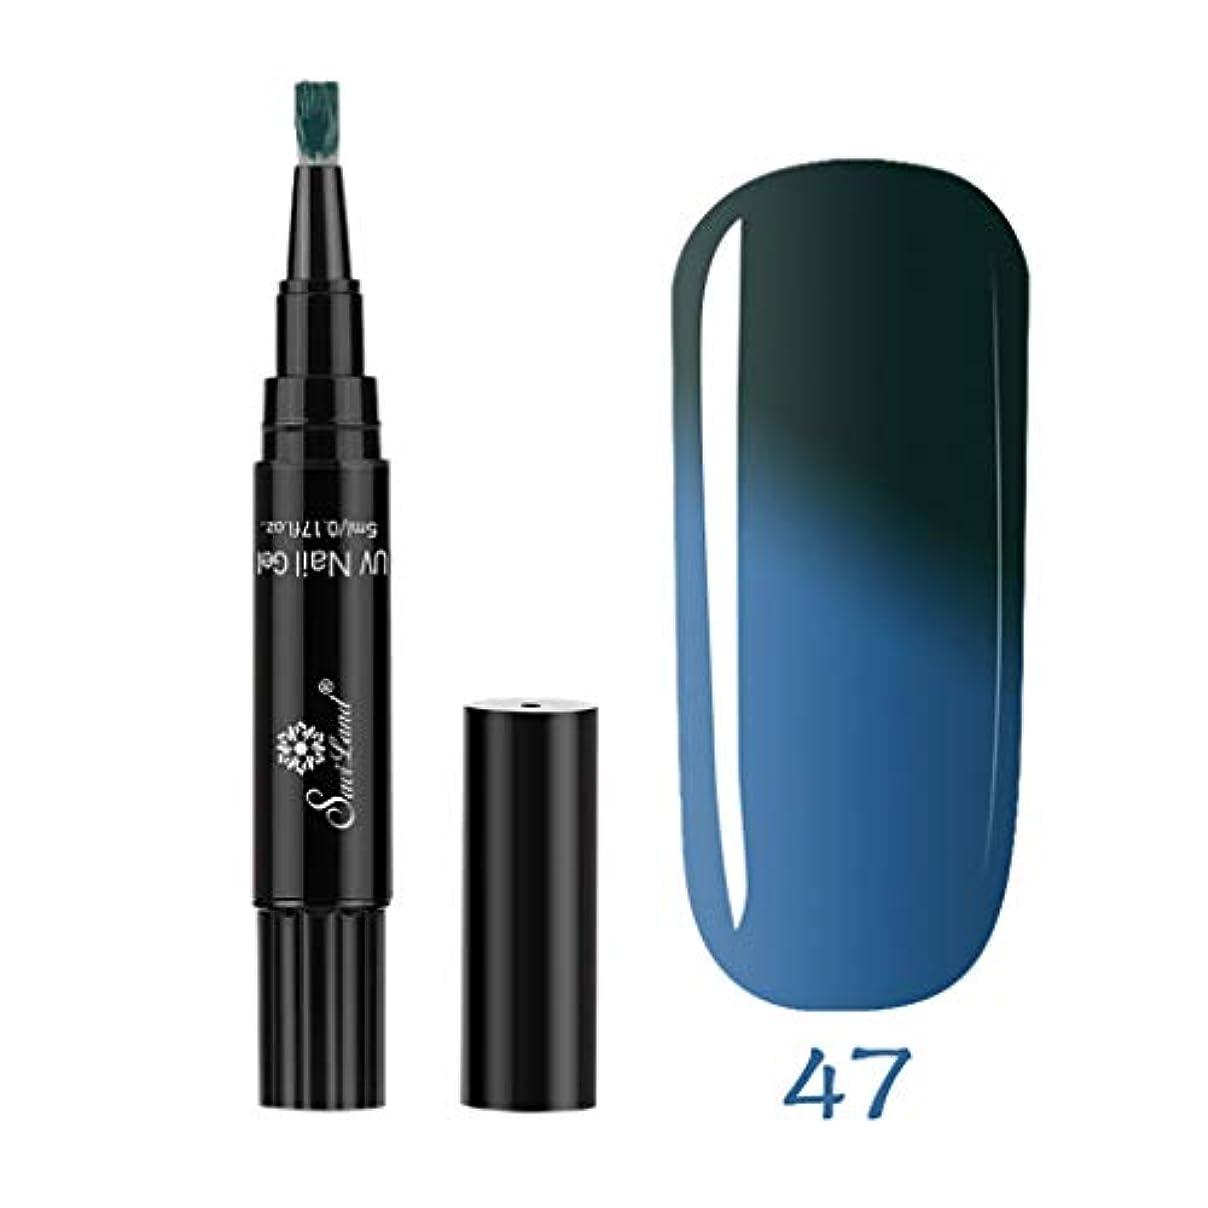 名前を作るネックレット醸造所1ステップネイルジェルペンに1 Pc 3 UV温度変更ジェルを使用するには1ステップネイル (H)